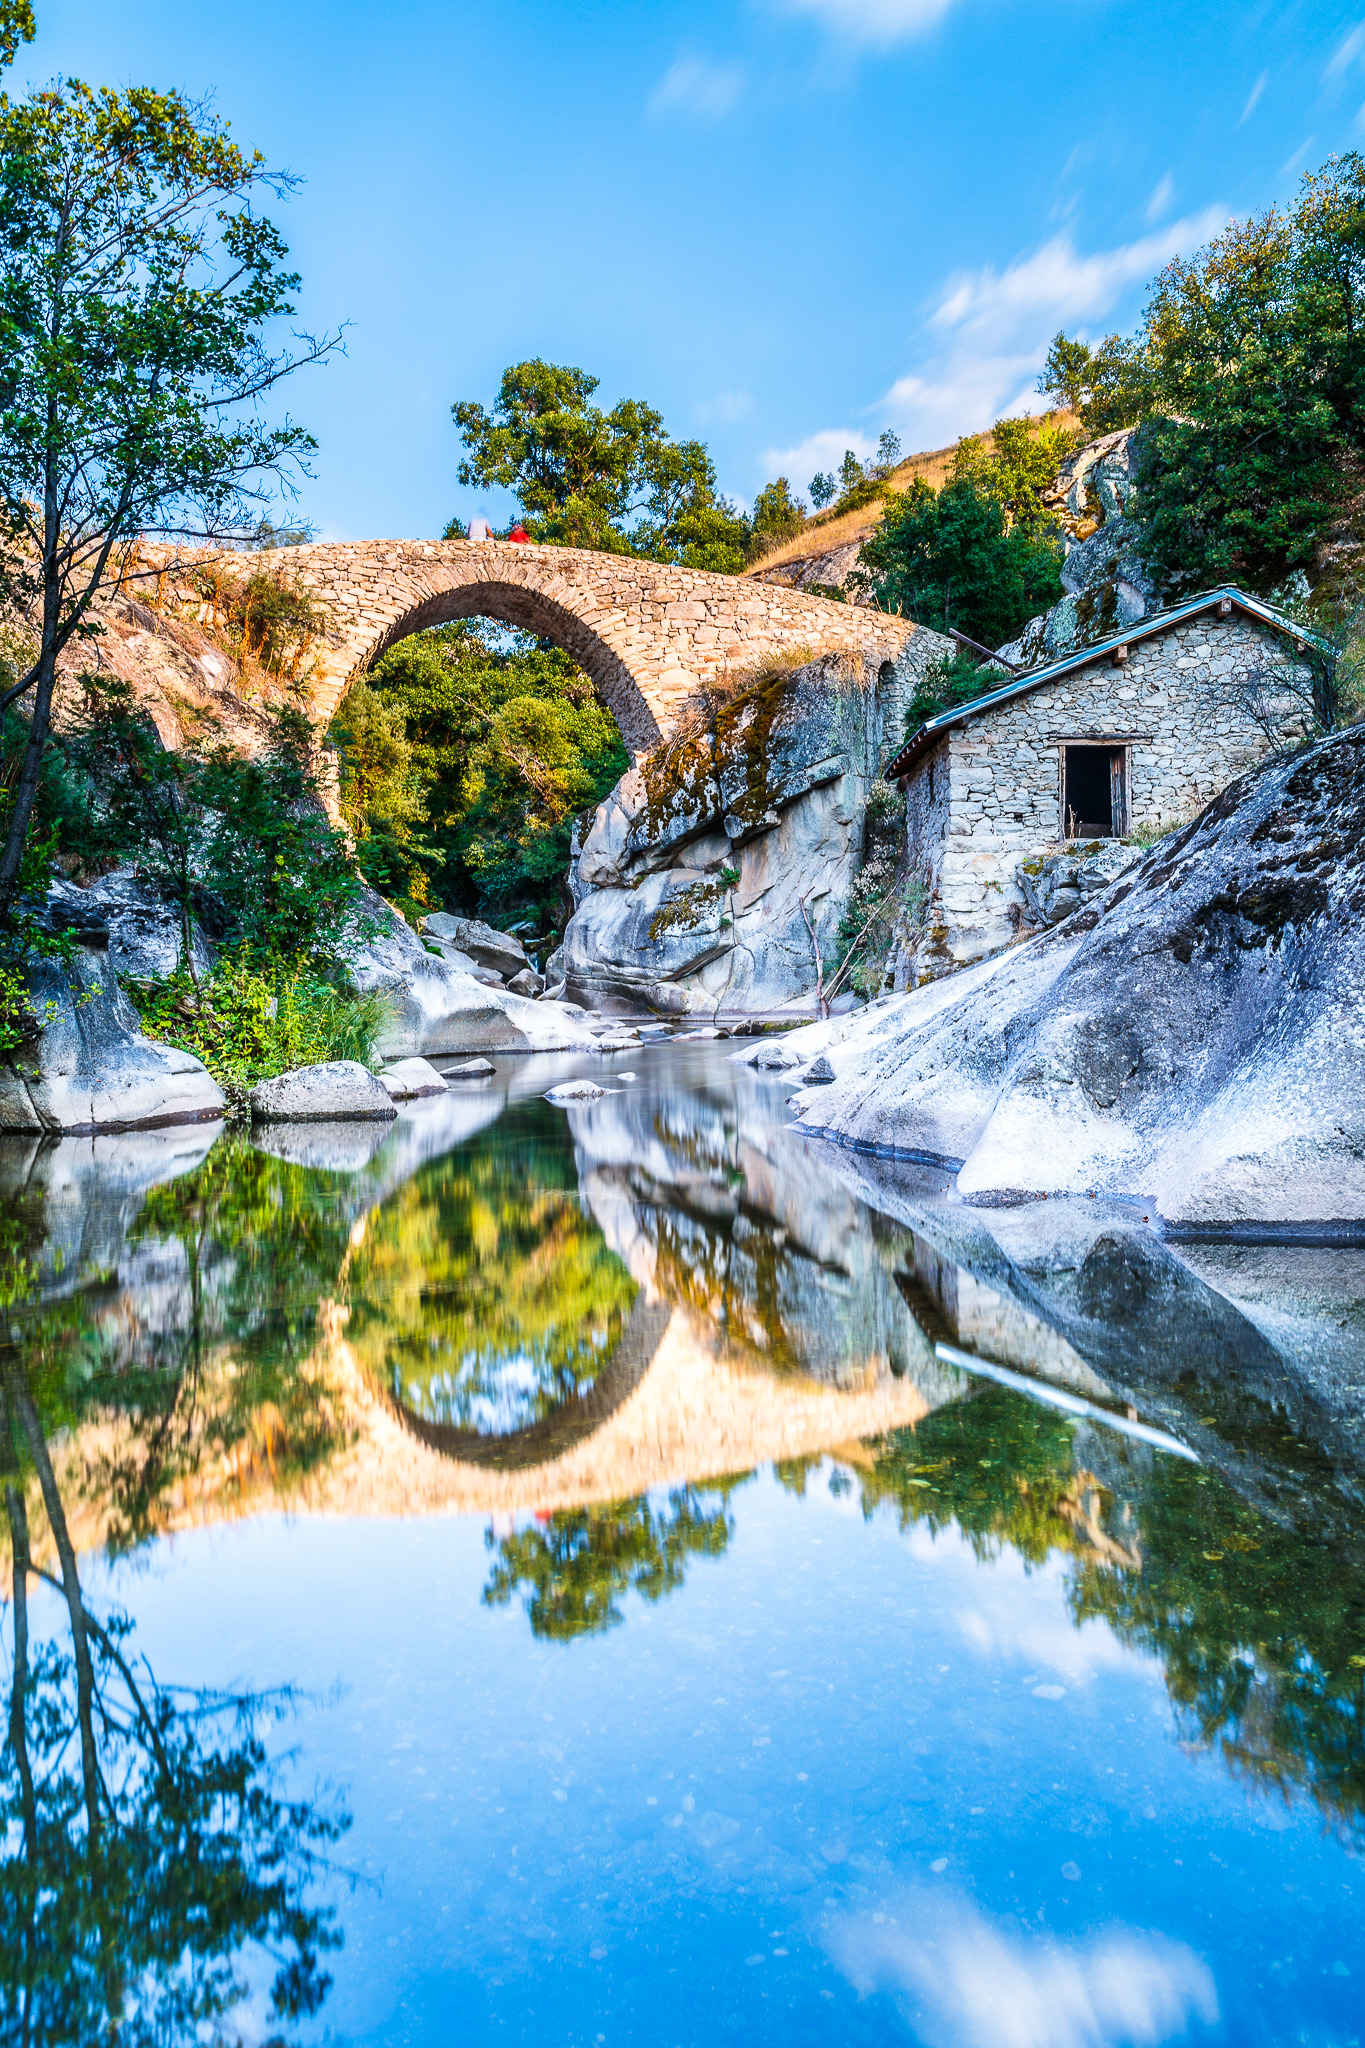 Movie Bridge